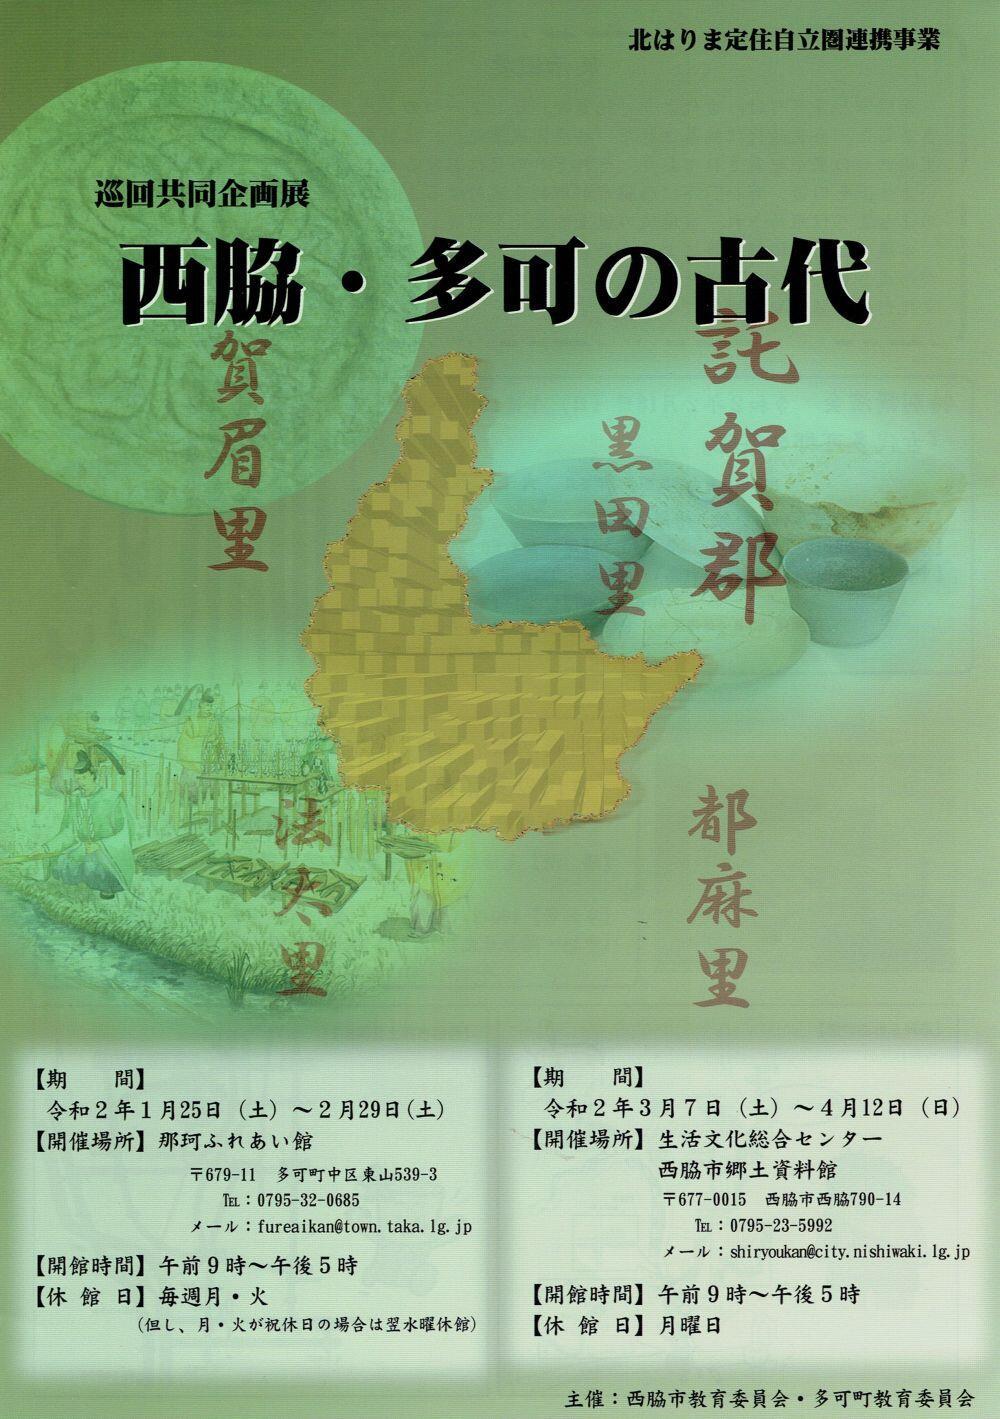 1/25~2/29 西脇・多可の古代:那珂ふれあい館